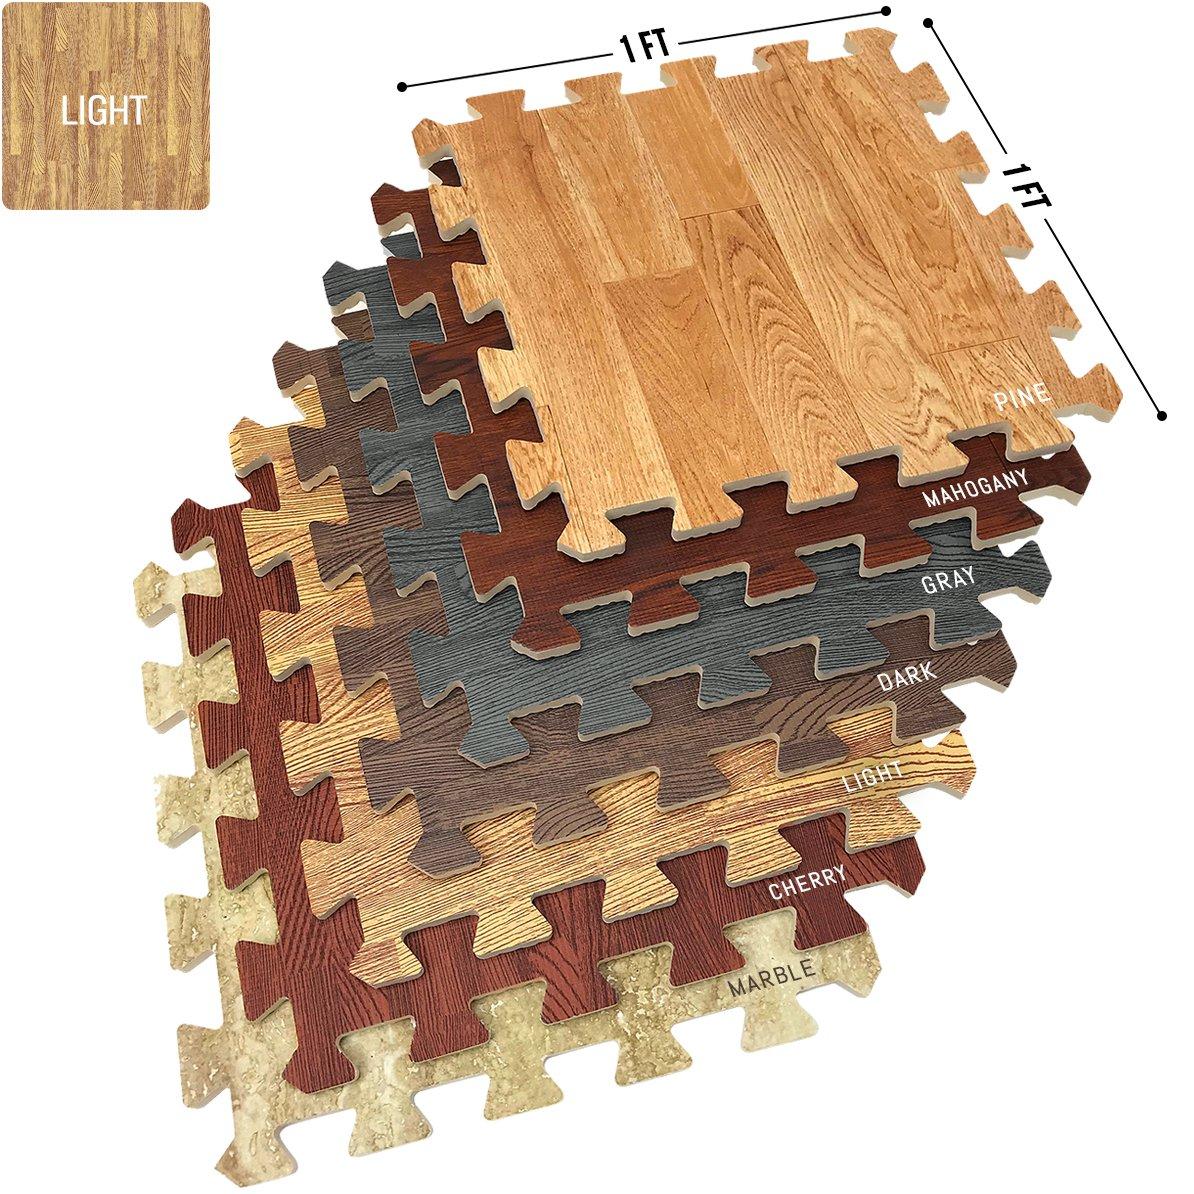 グランドセール Sorbus酷使フロアマット – - 木製印刷Multipurpose ft) ft)|Wood Foamタイル床 – 各タイルメジャー1正方形足 – 使用、ホーム、オフィス、Playroom、4木目色から選択 B077NJWSXR Wood Grain - Light 9 Tiles (9 Sq ft) 9 Tiles (9 Sq ft)|Wood Grain - Light, 遊佐町:77791e86 --- arianechie.dominiotemporario.com